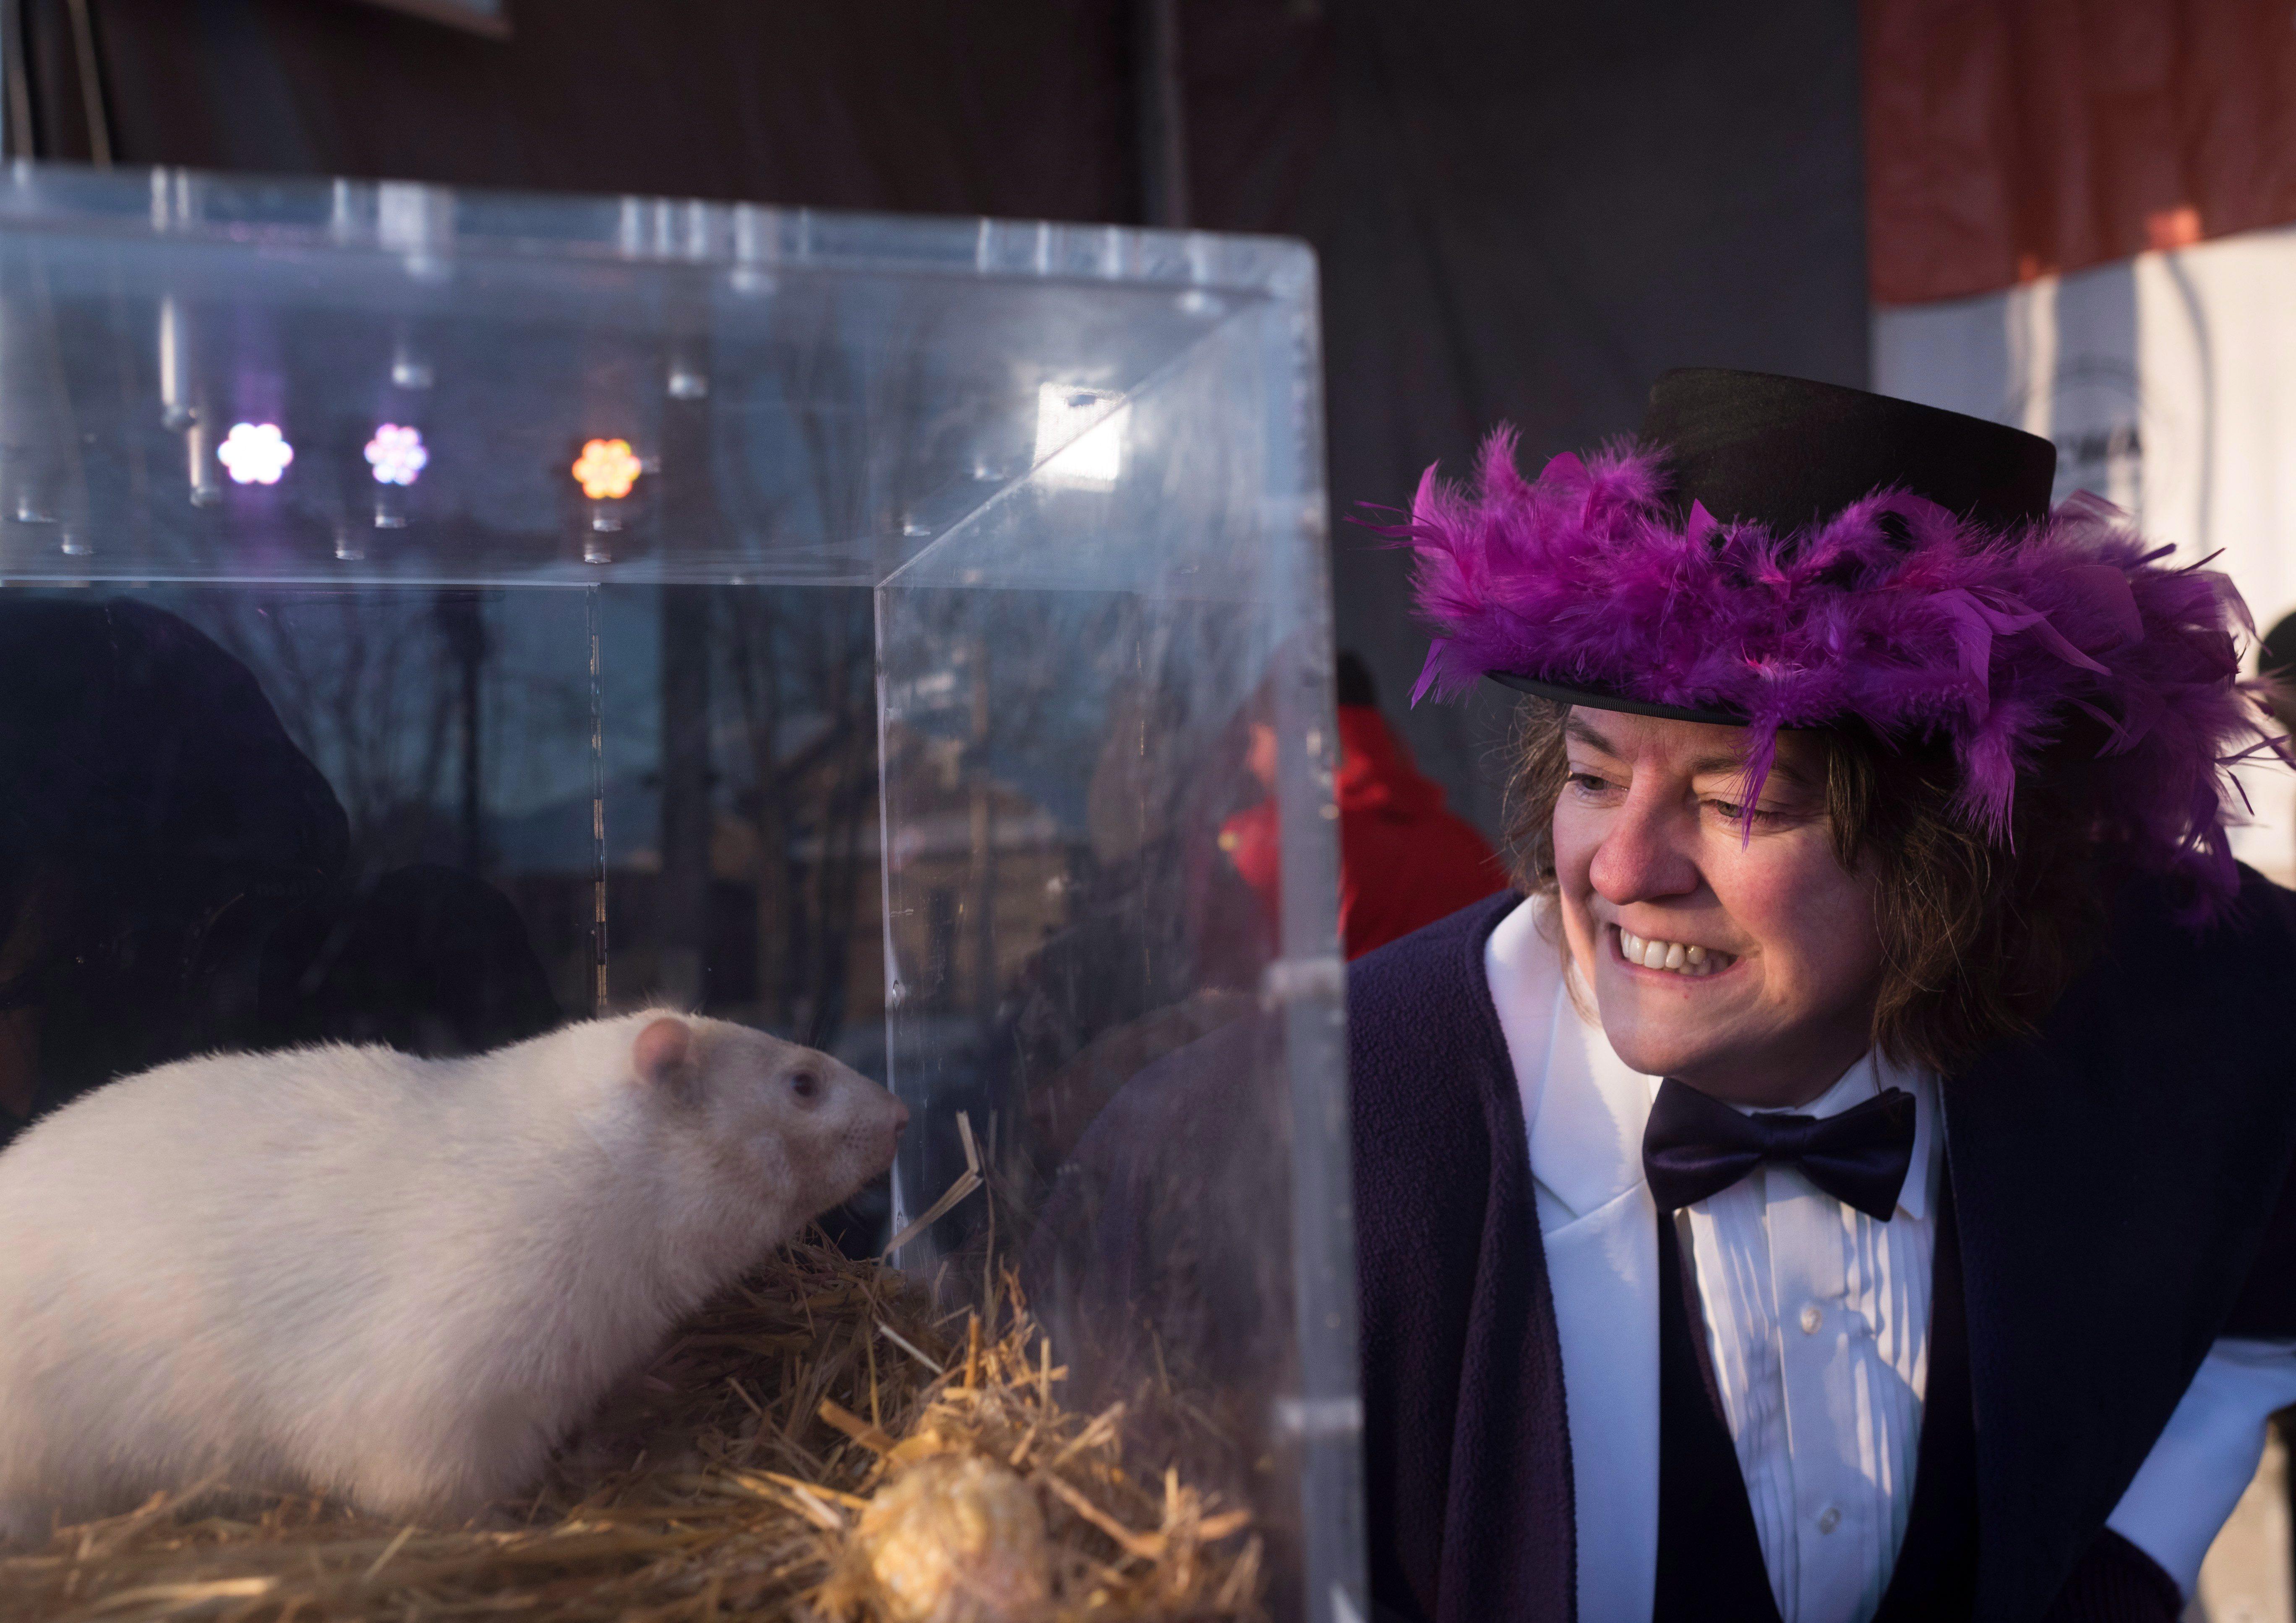 La mairesse de Wiarton en Ontario, Janice Jackson, avec la marmotte Wiarton